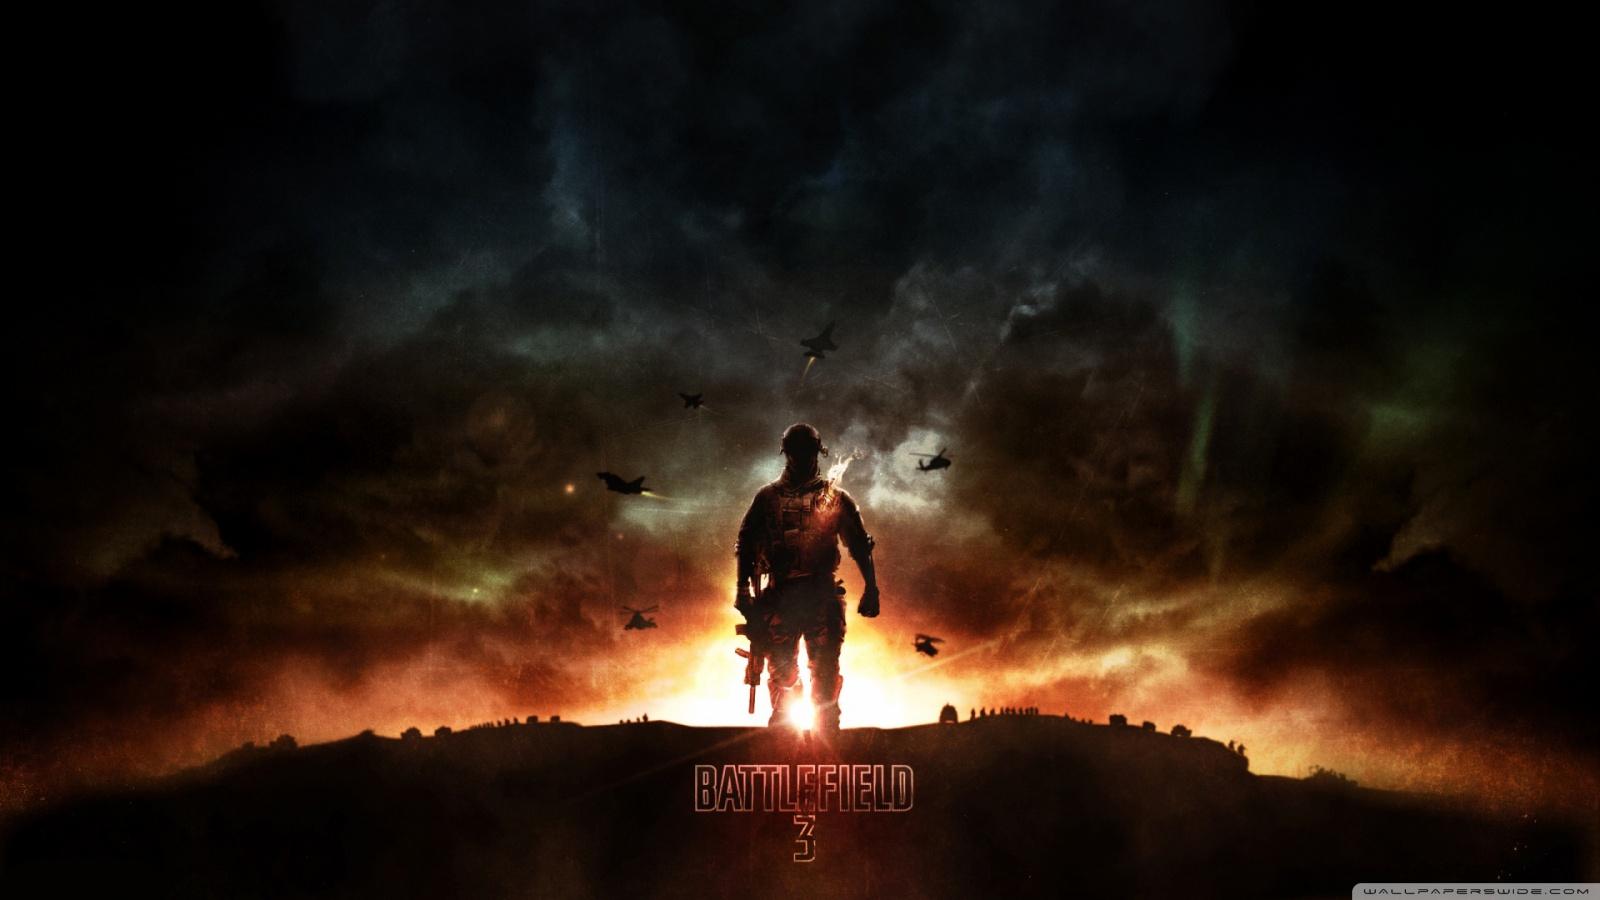 Freaking Spot: Battlefield Full HD 1080p Wallpapers